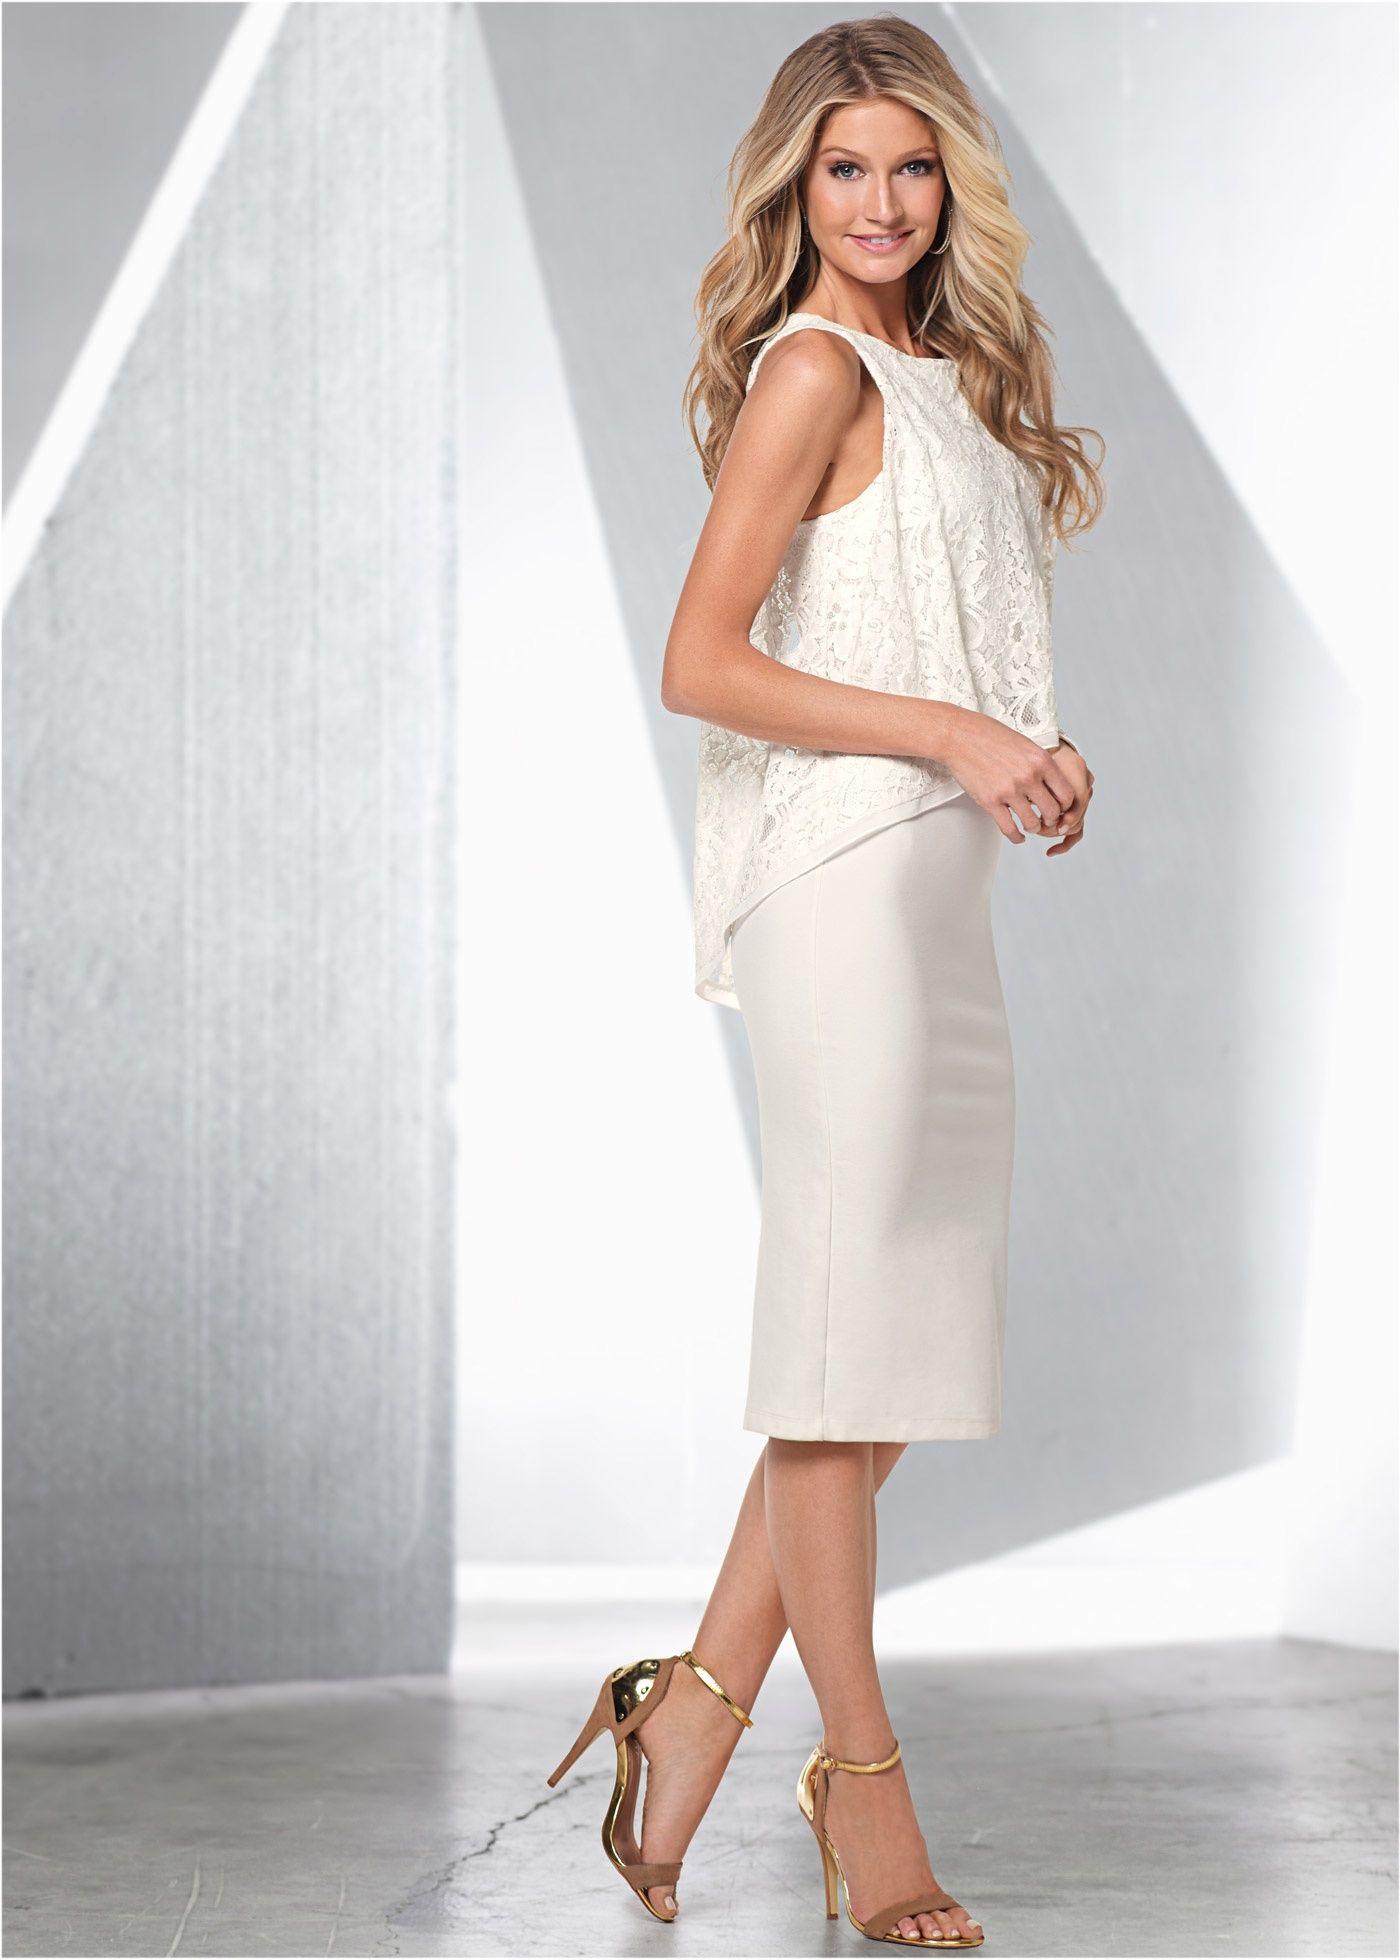 13 Einfach Kleider Für Schicke Anlässe Bester Preis10 Fantastisch Kleider Für Schicke Anlässe Bester Preis